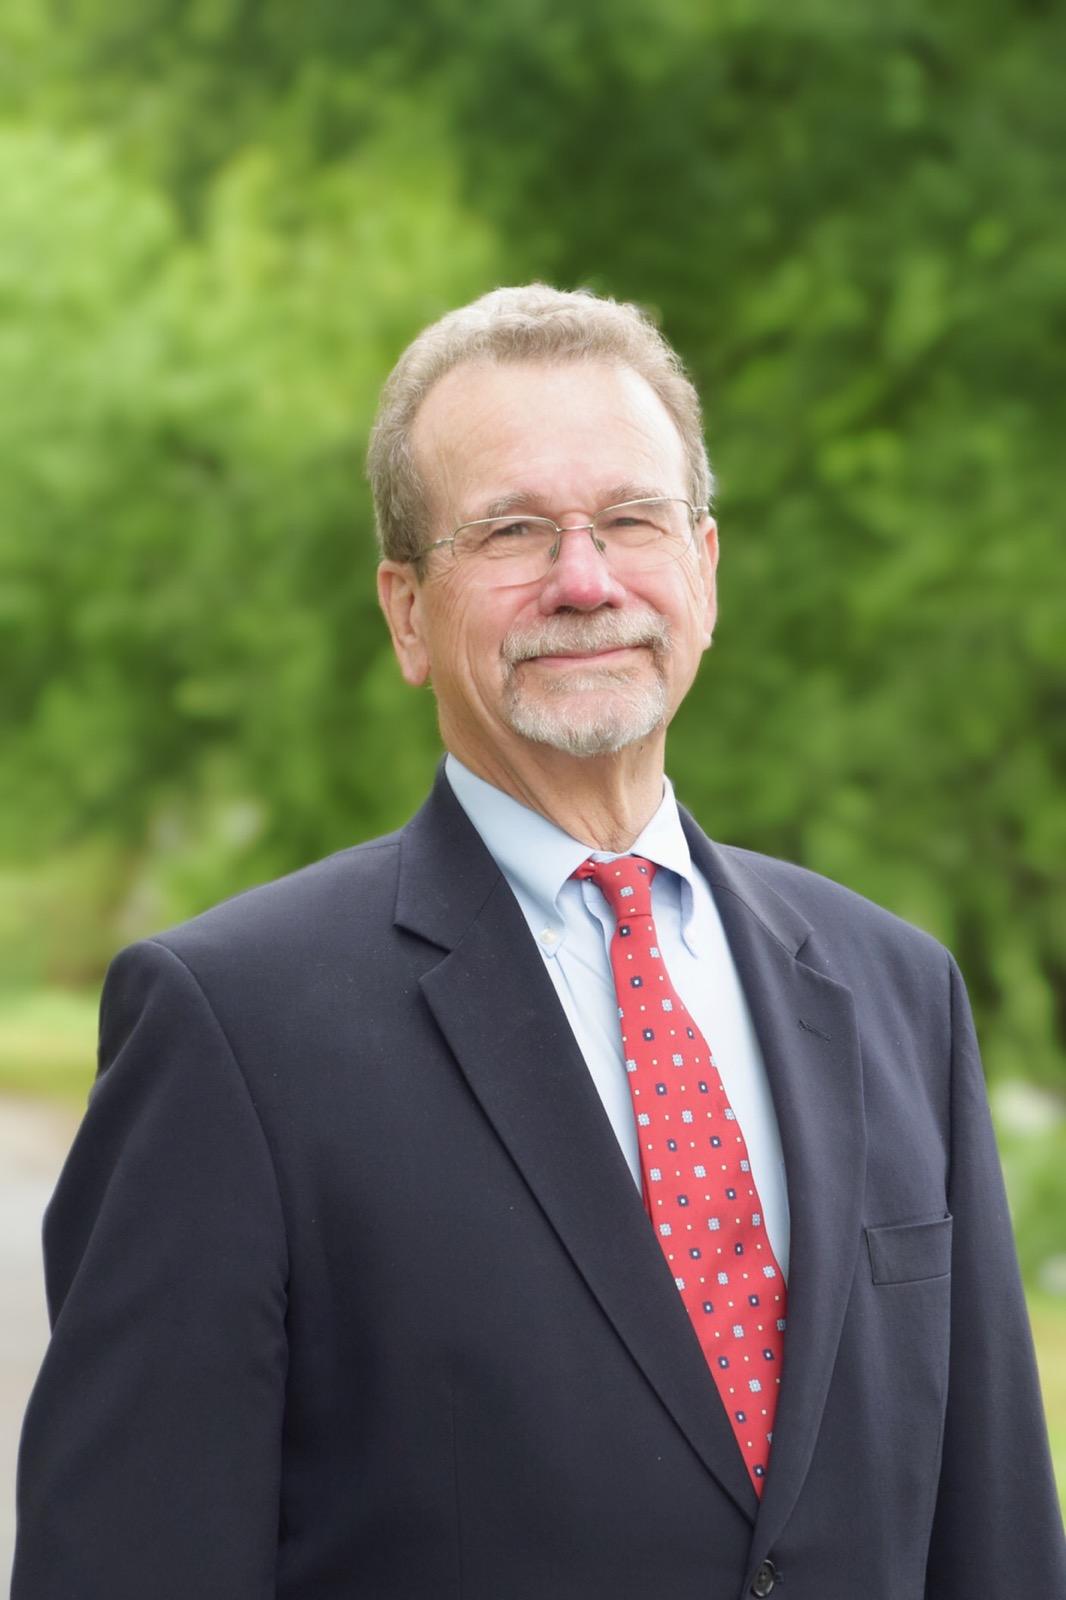 Steve Gershner - Attorney at Law